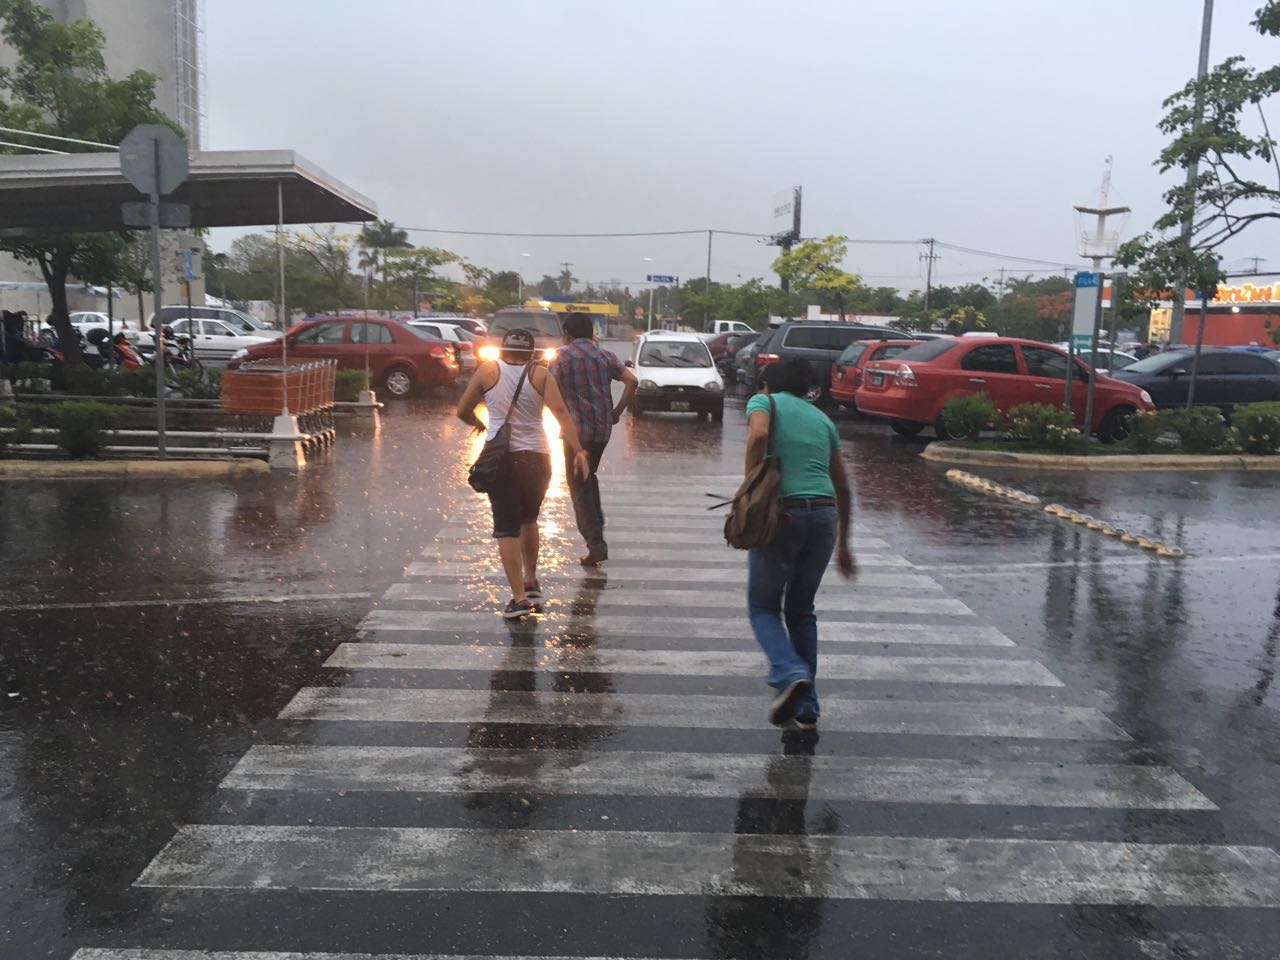 Alertaproliferación de moscos por lluvias